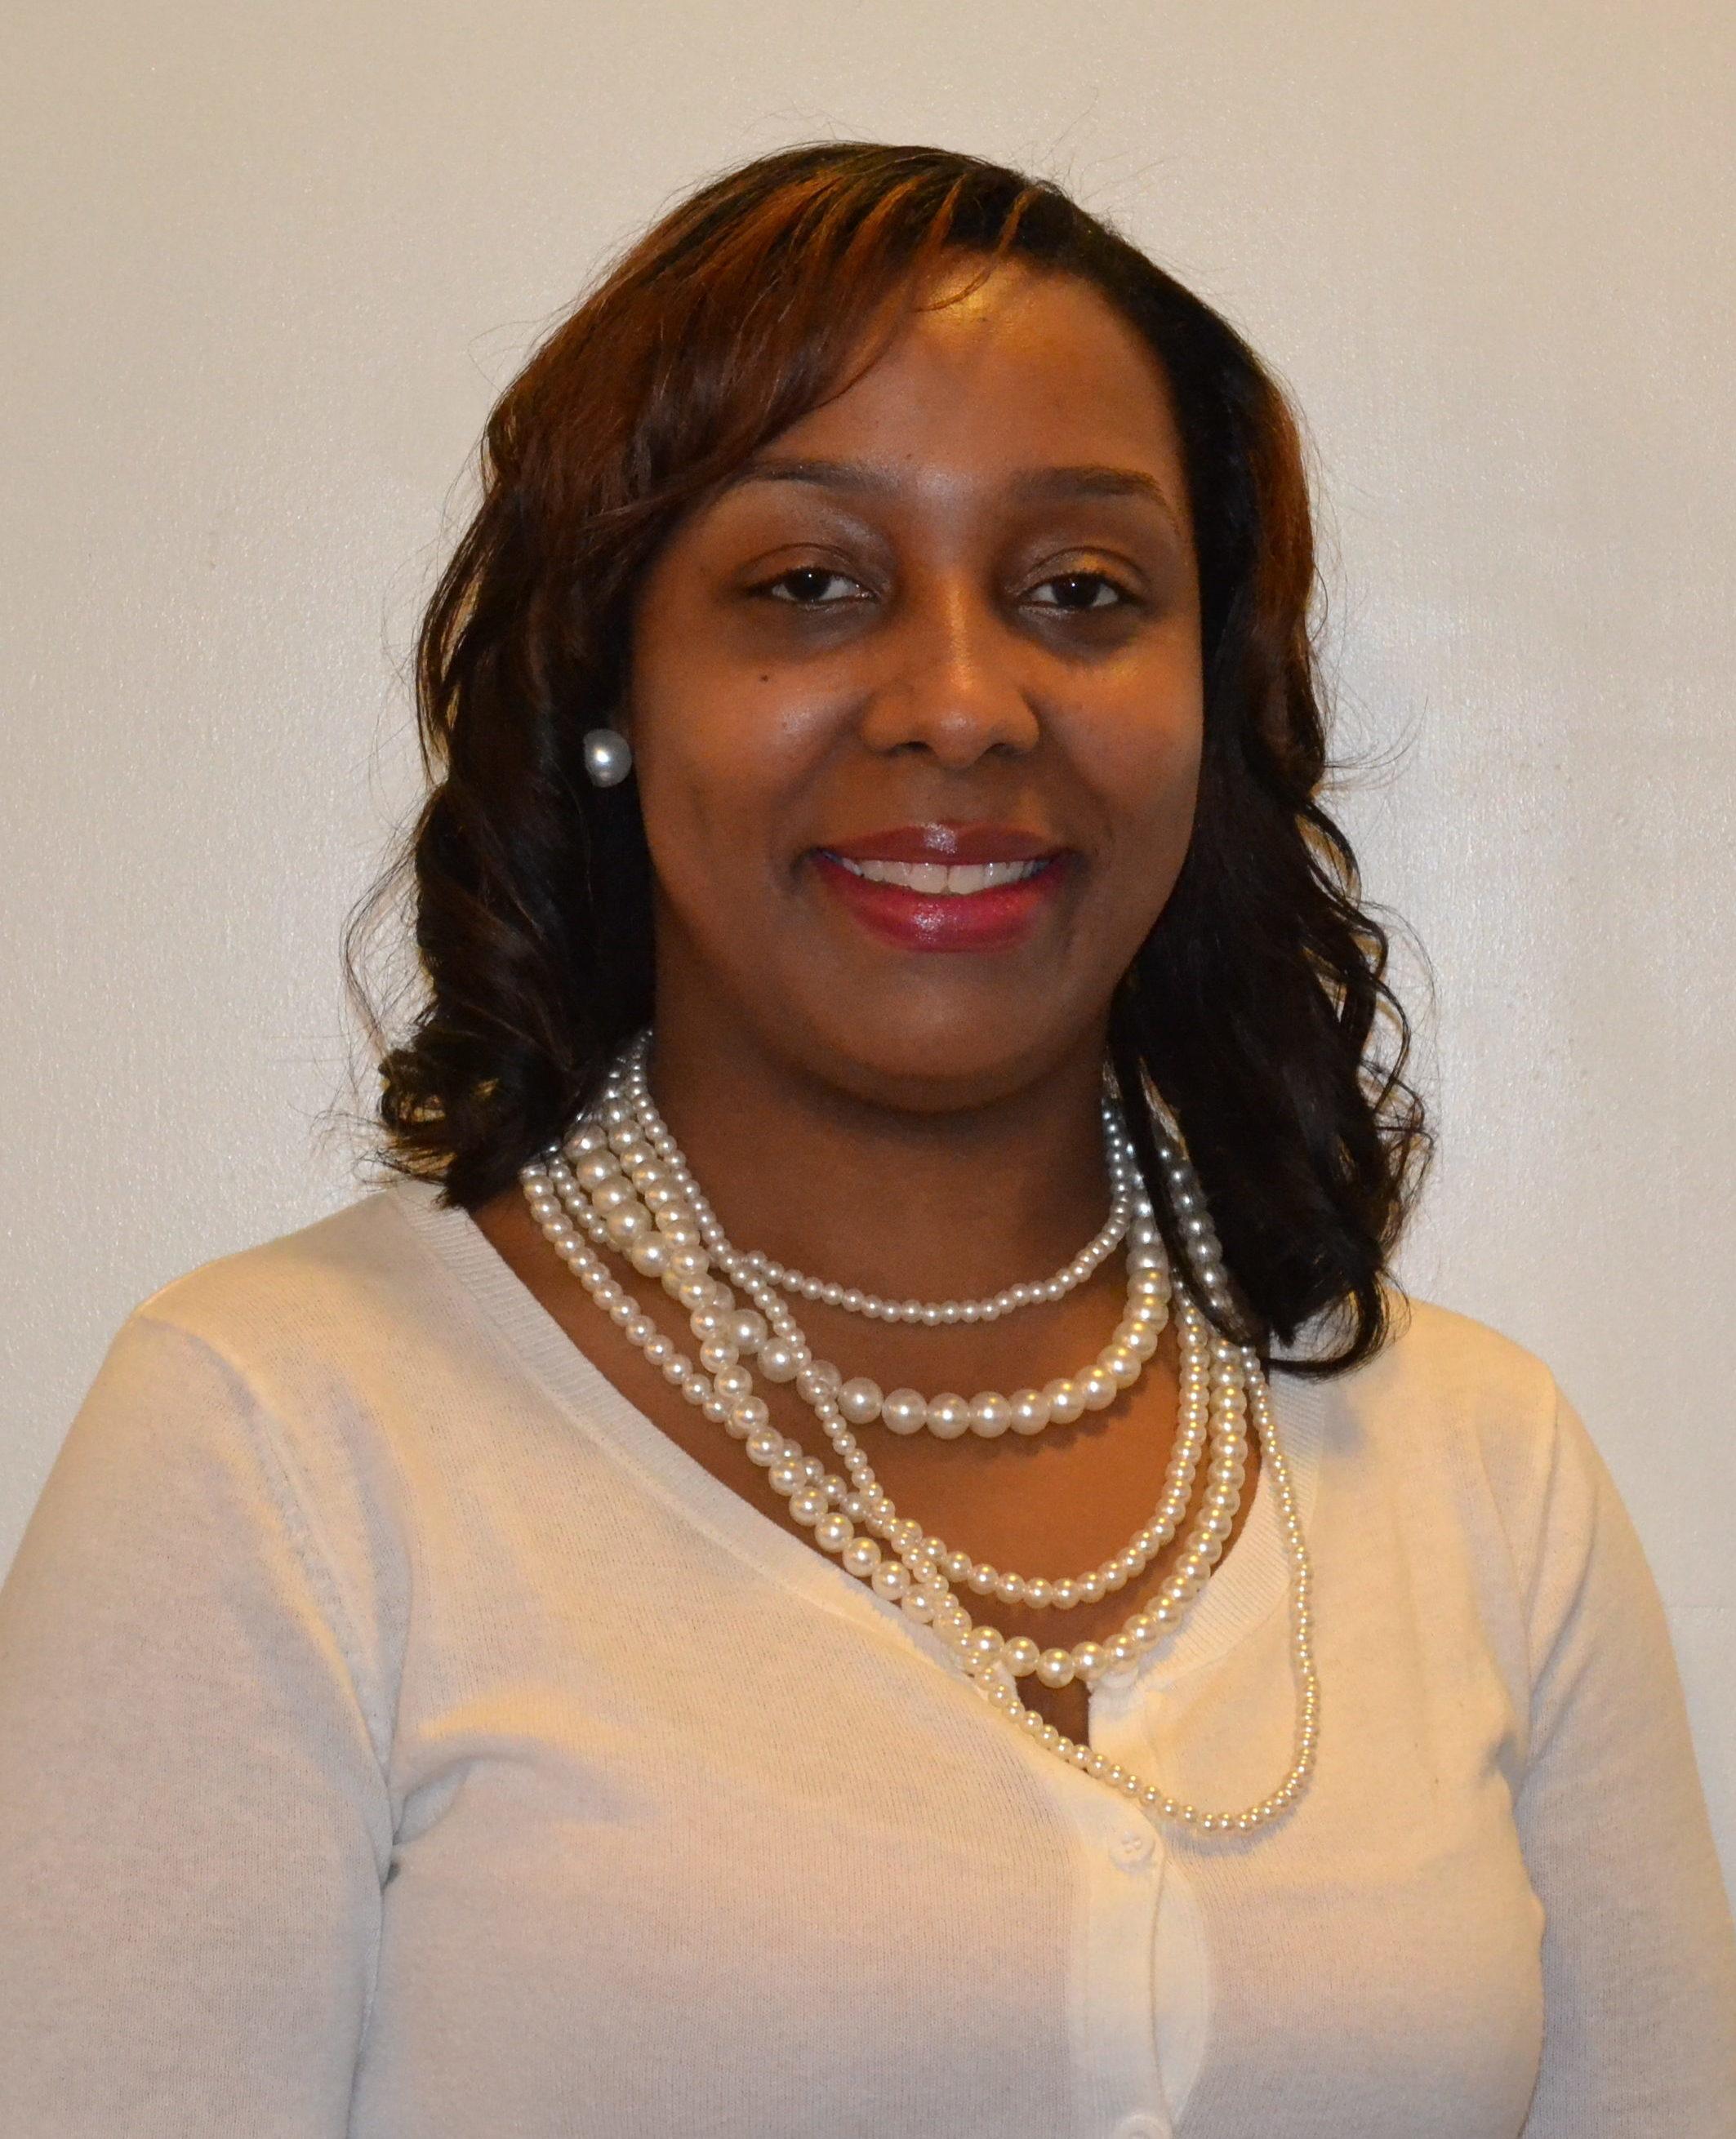 Deaconess Kendra Green